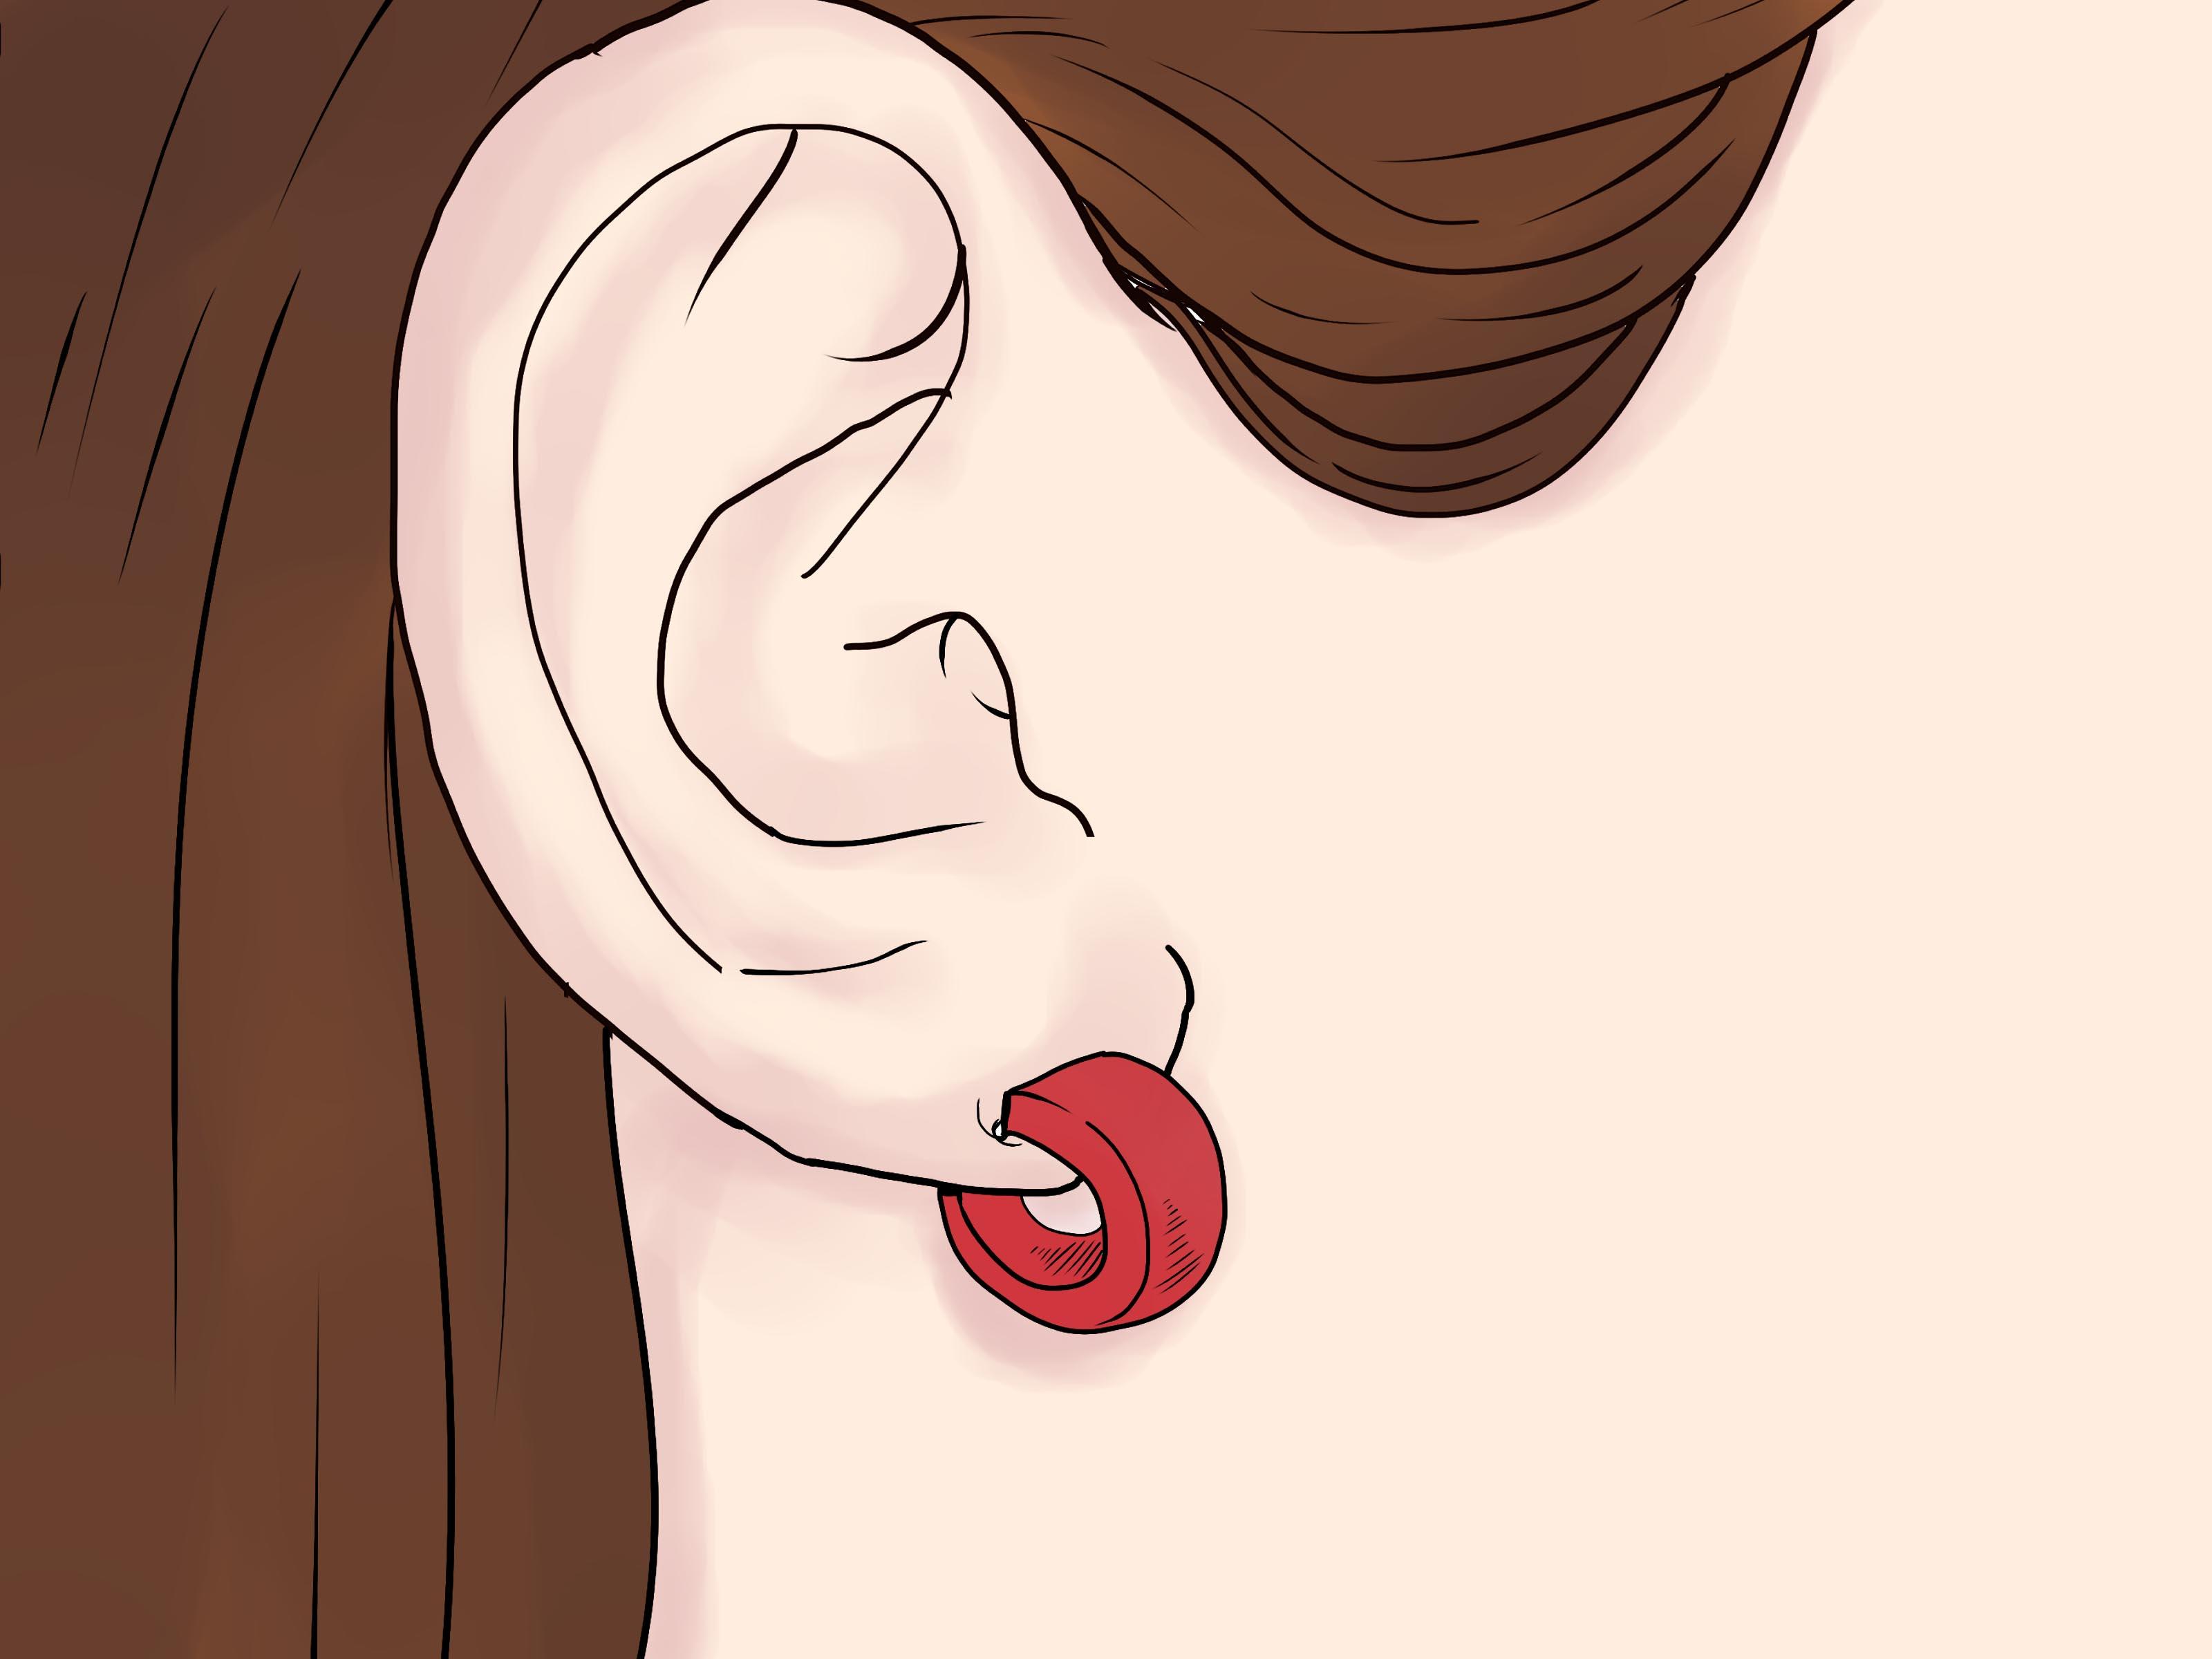 Clipart ear clipart